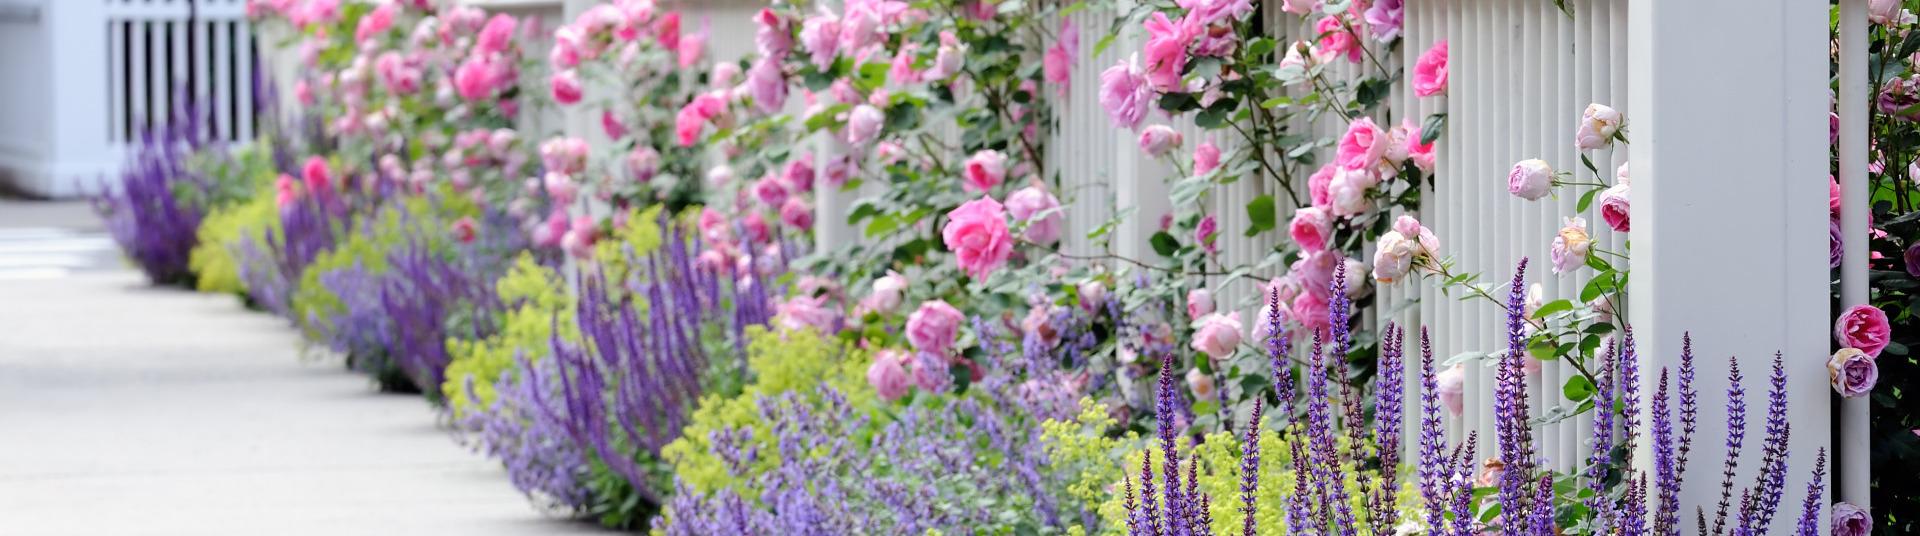 blikmakers voor in de tuin